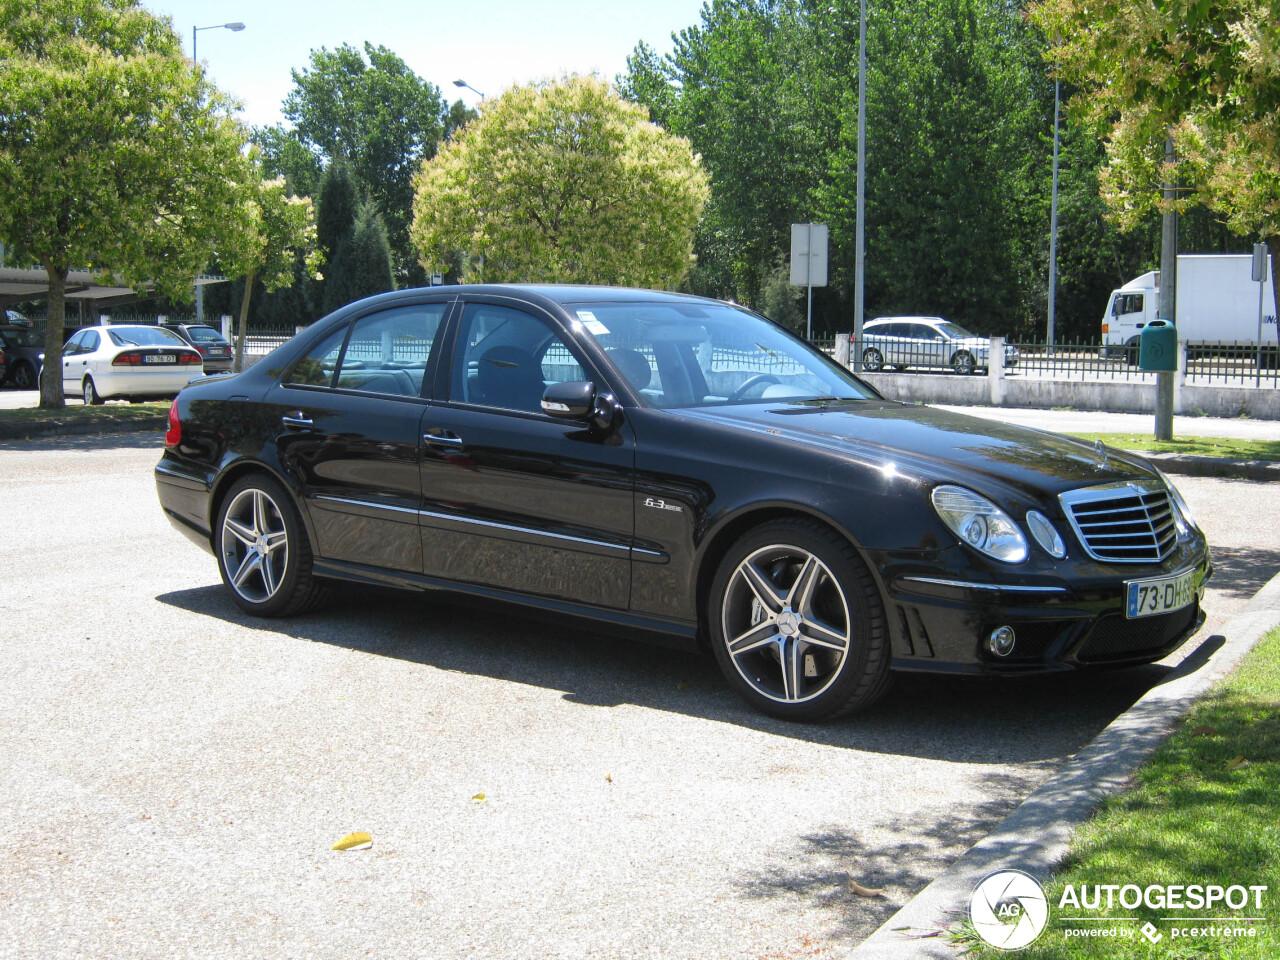 Mercedes-Benz E 63 AMG valt nog steeds te waarderen